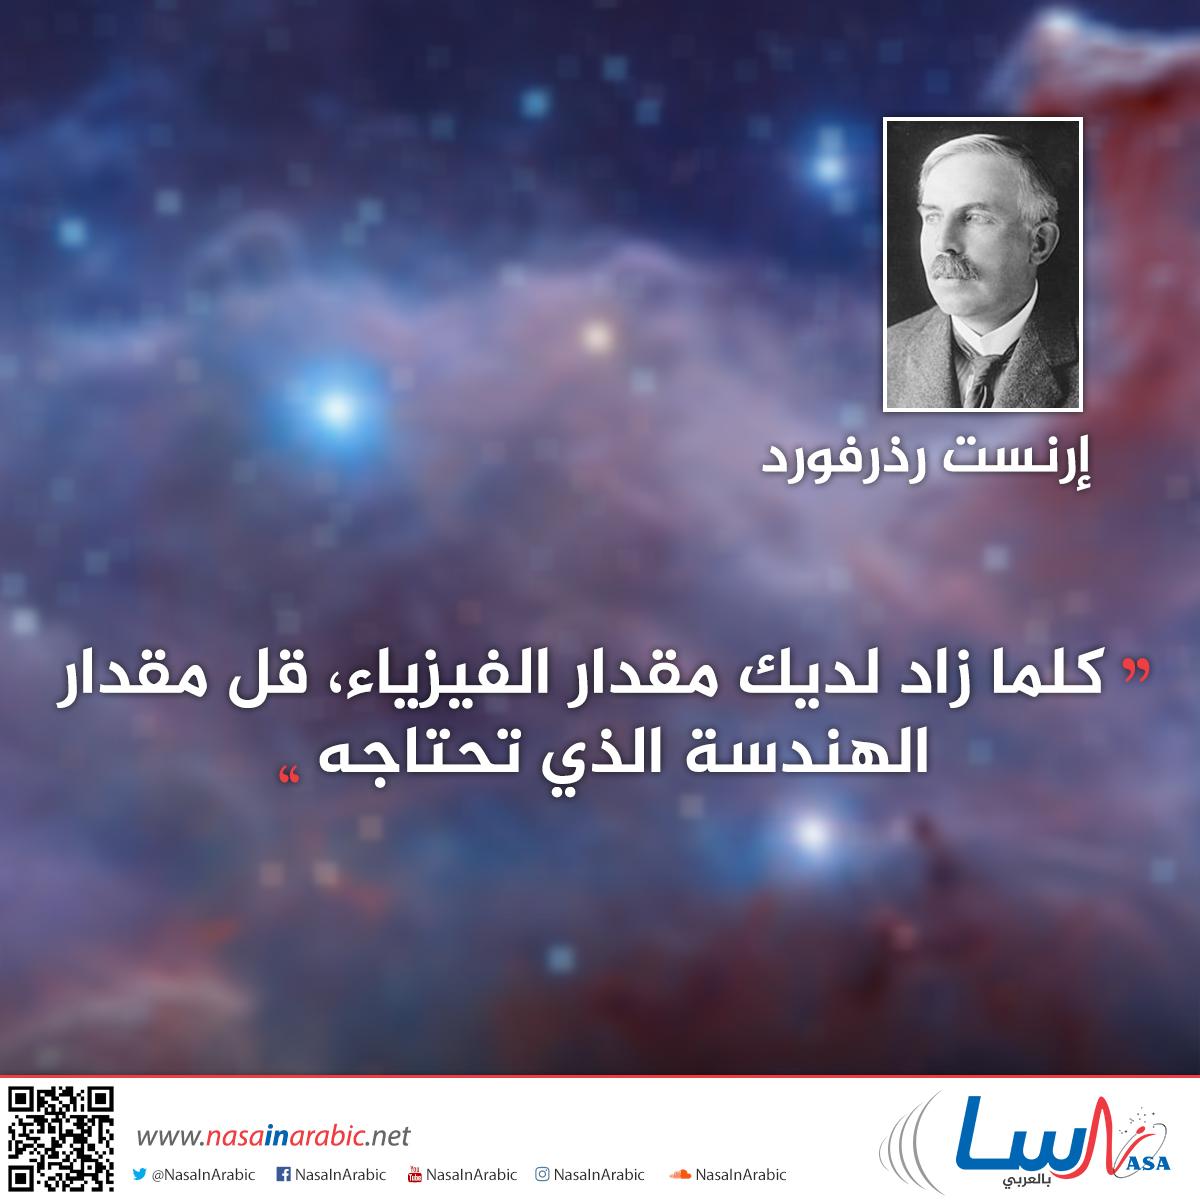 الفيزياء والهندسة